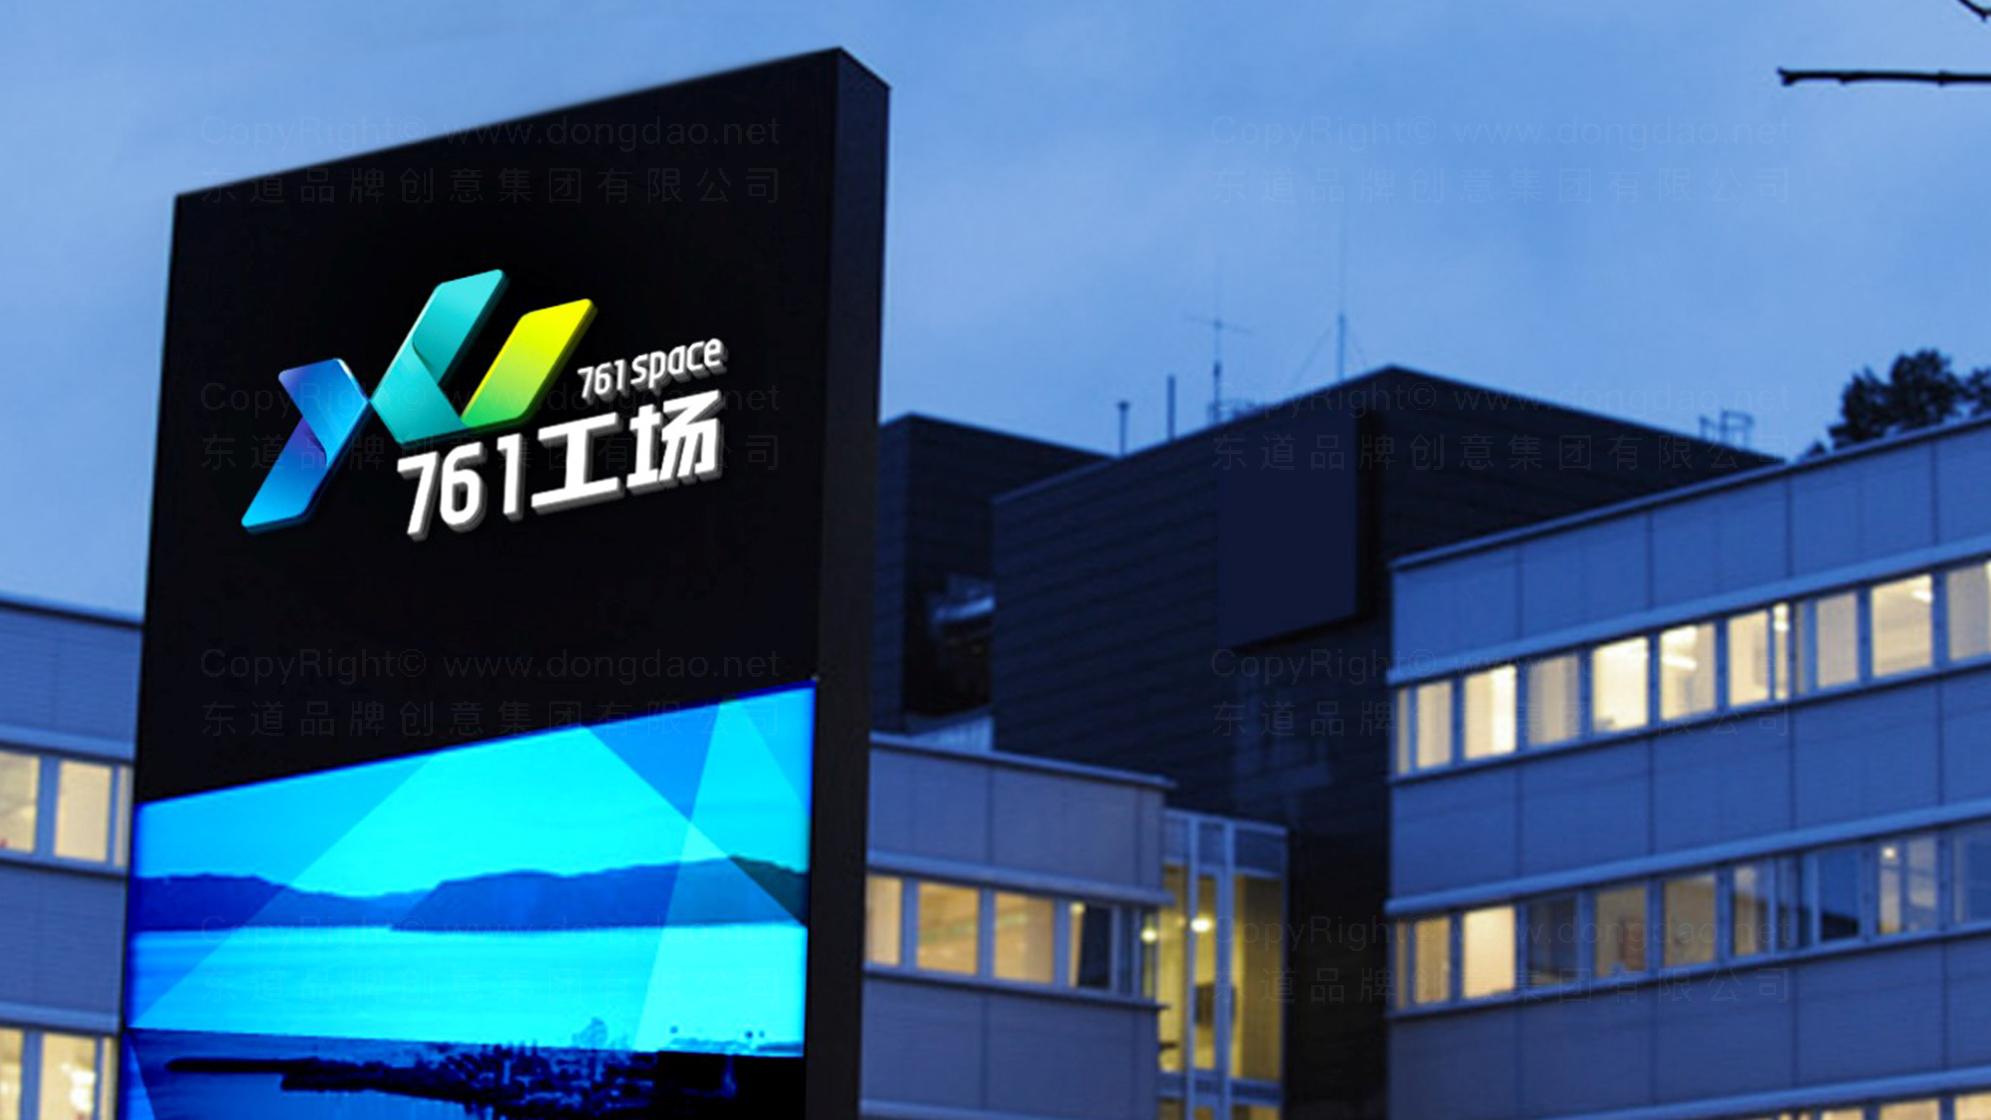 品牌设计761工场LOGO&VI设计应用场景_2